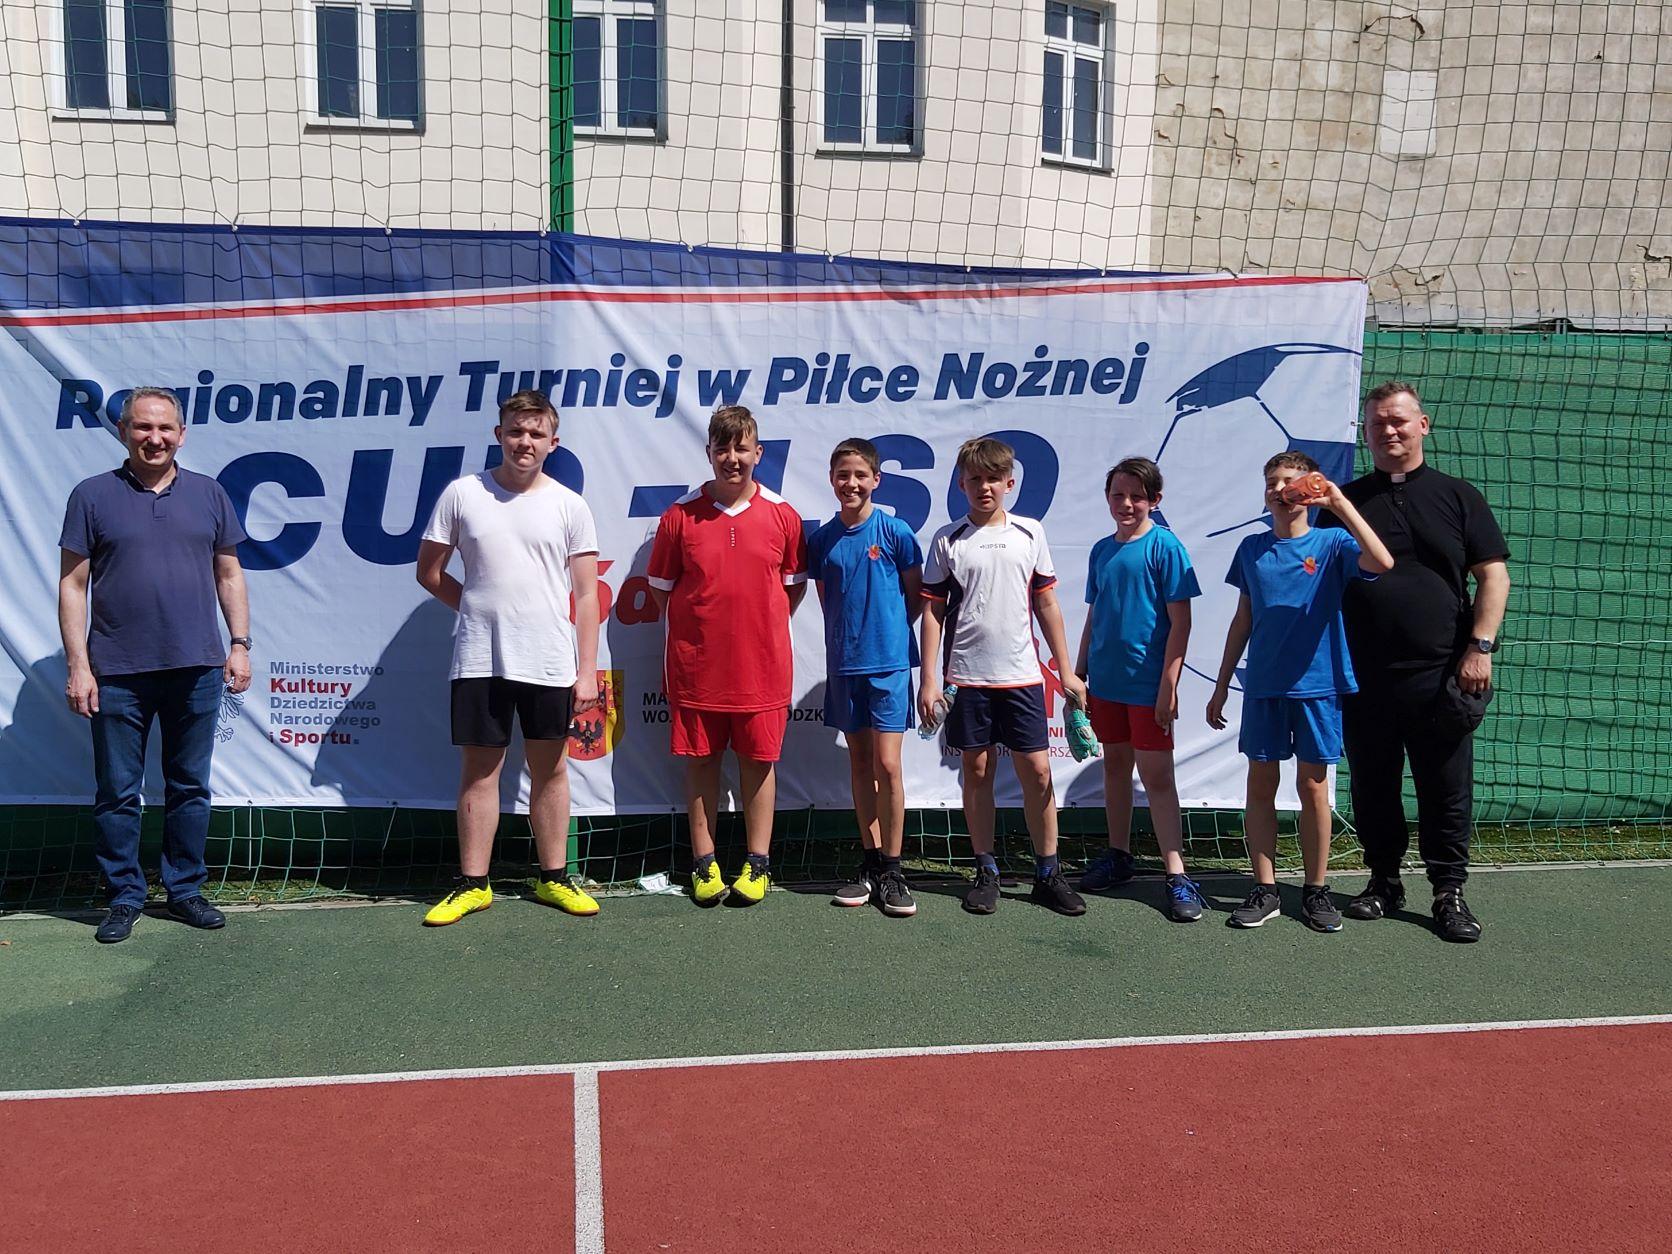 Turniej CUP 2021 w Łodzi